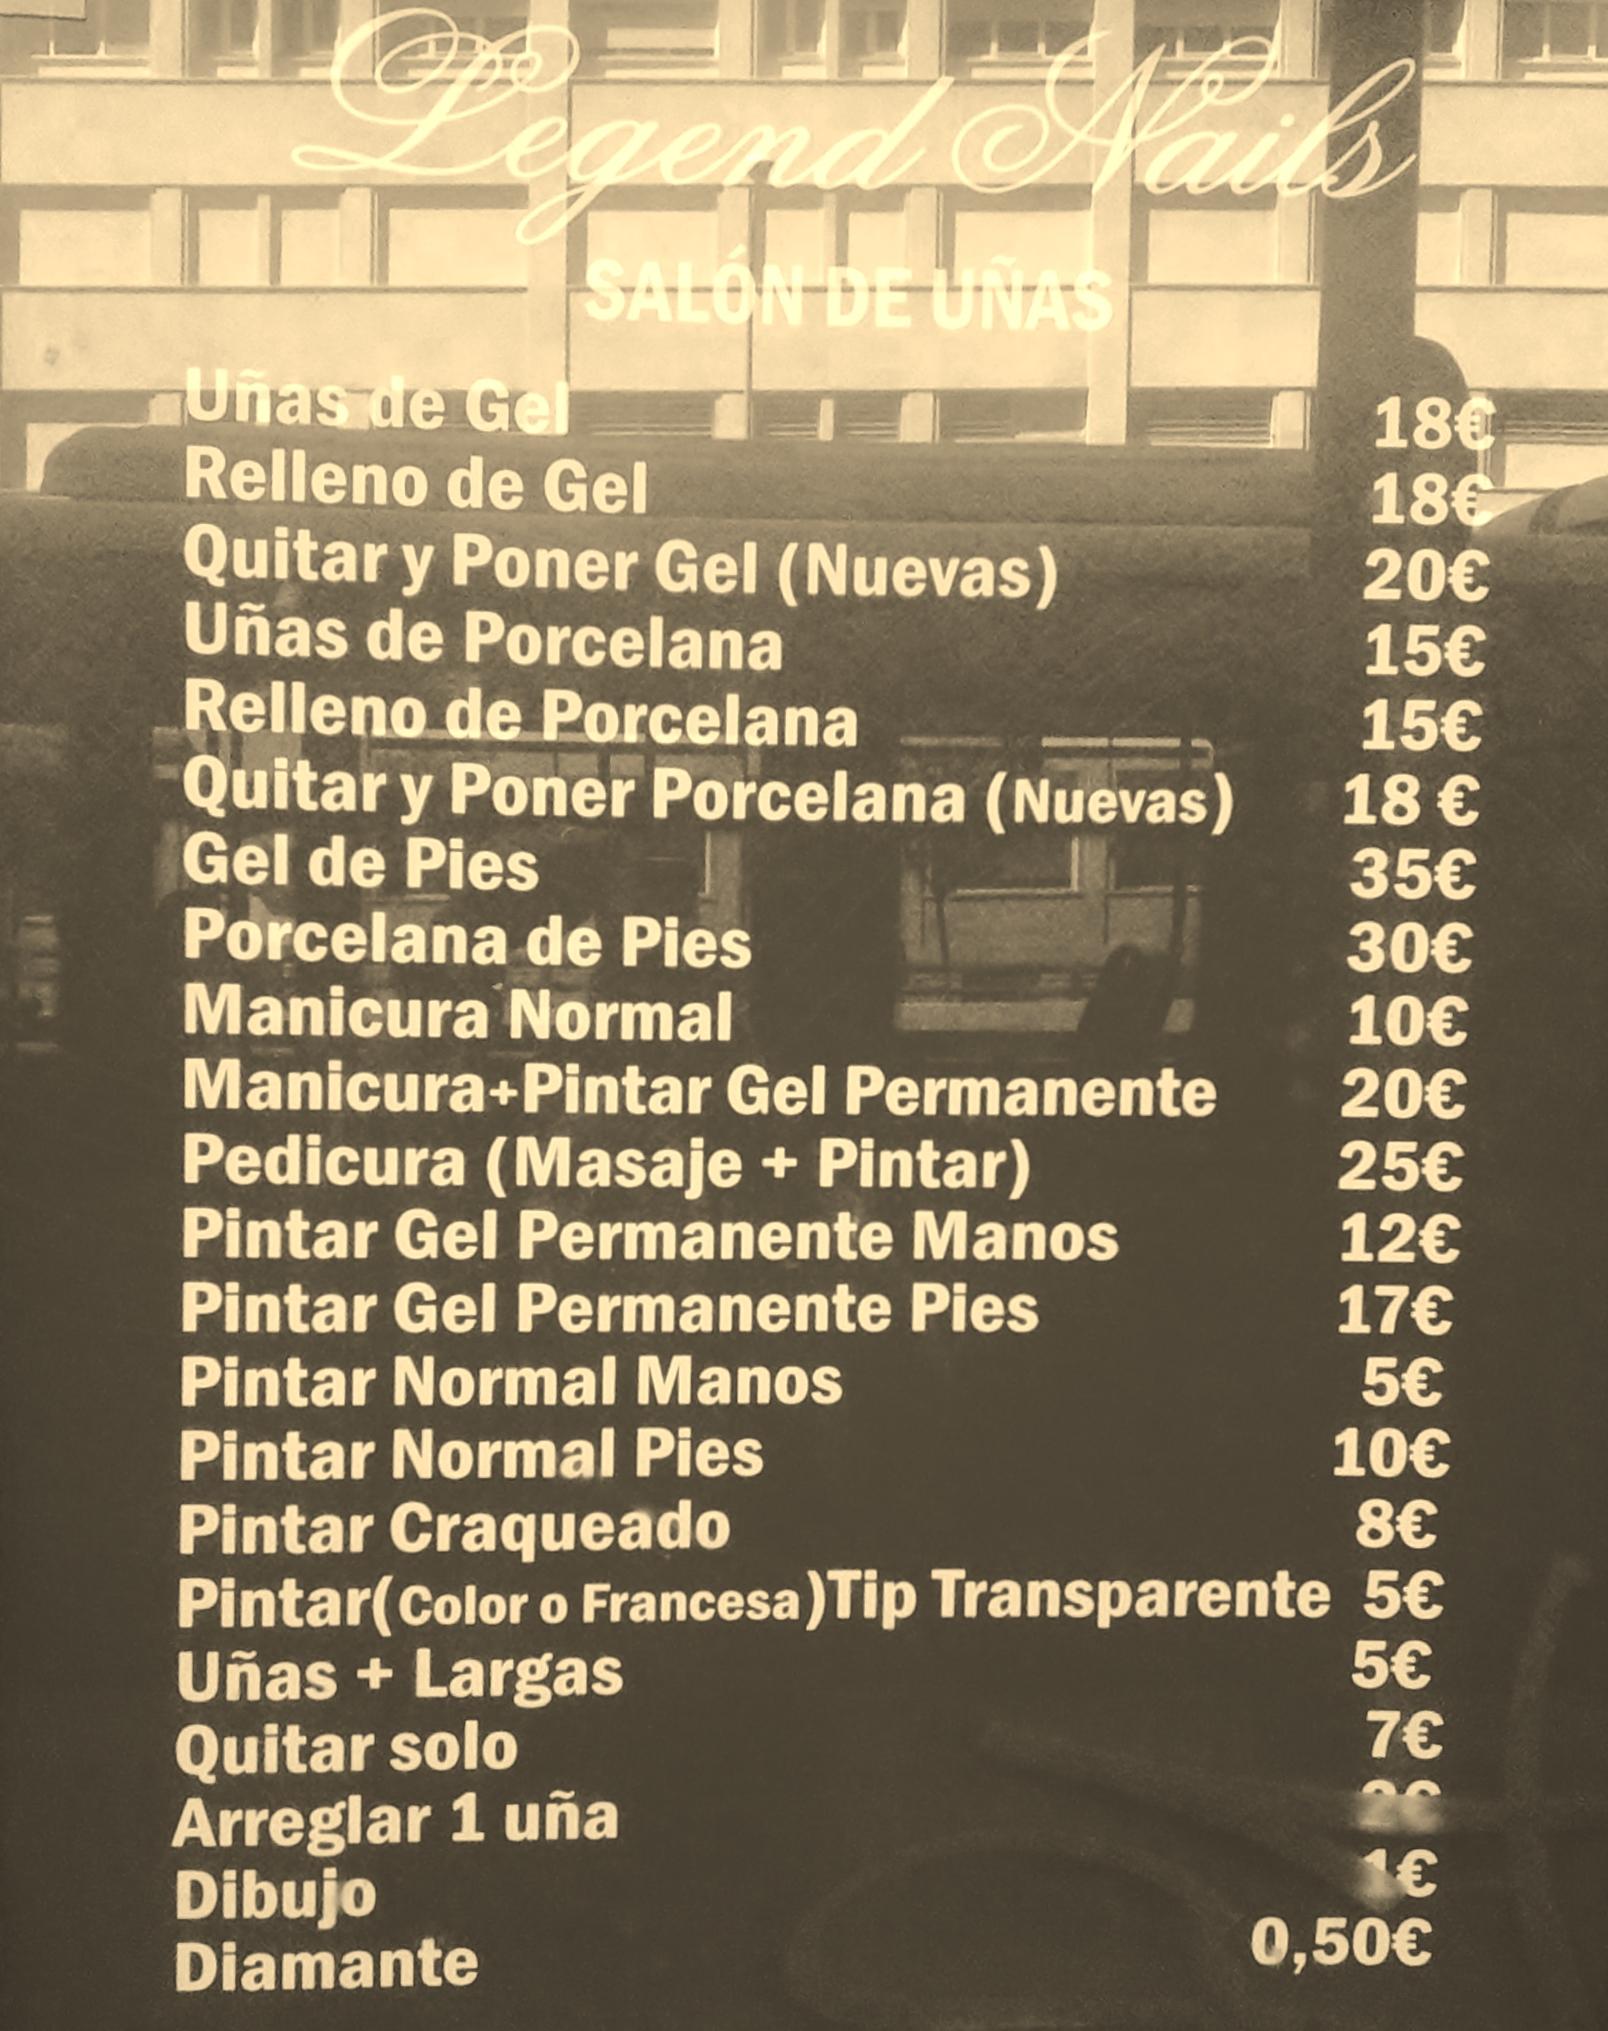 Uñas De Porcelana A 15 Euros Madridme